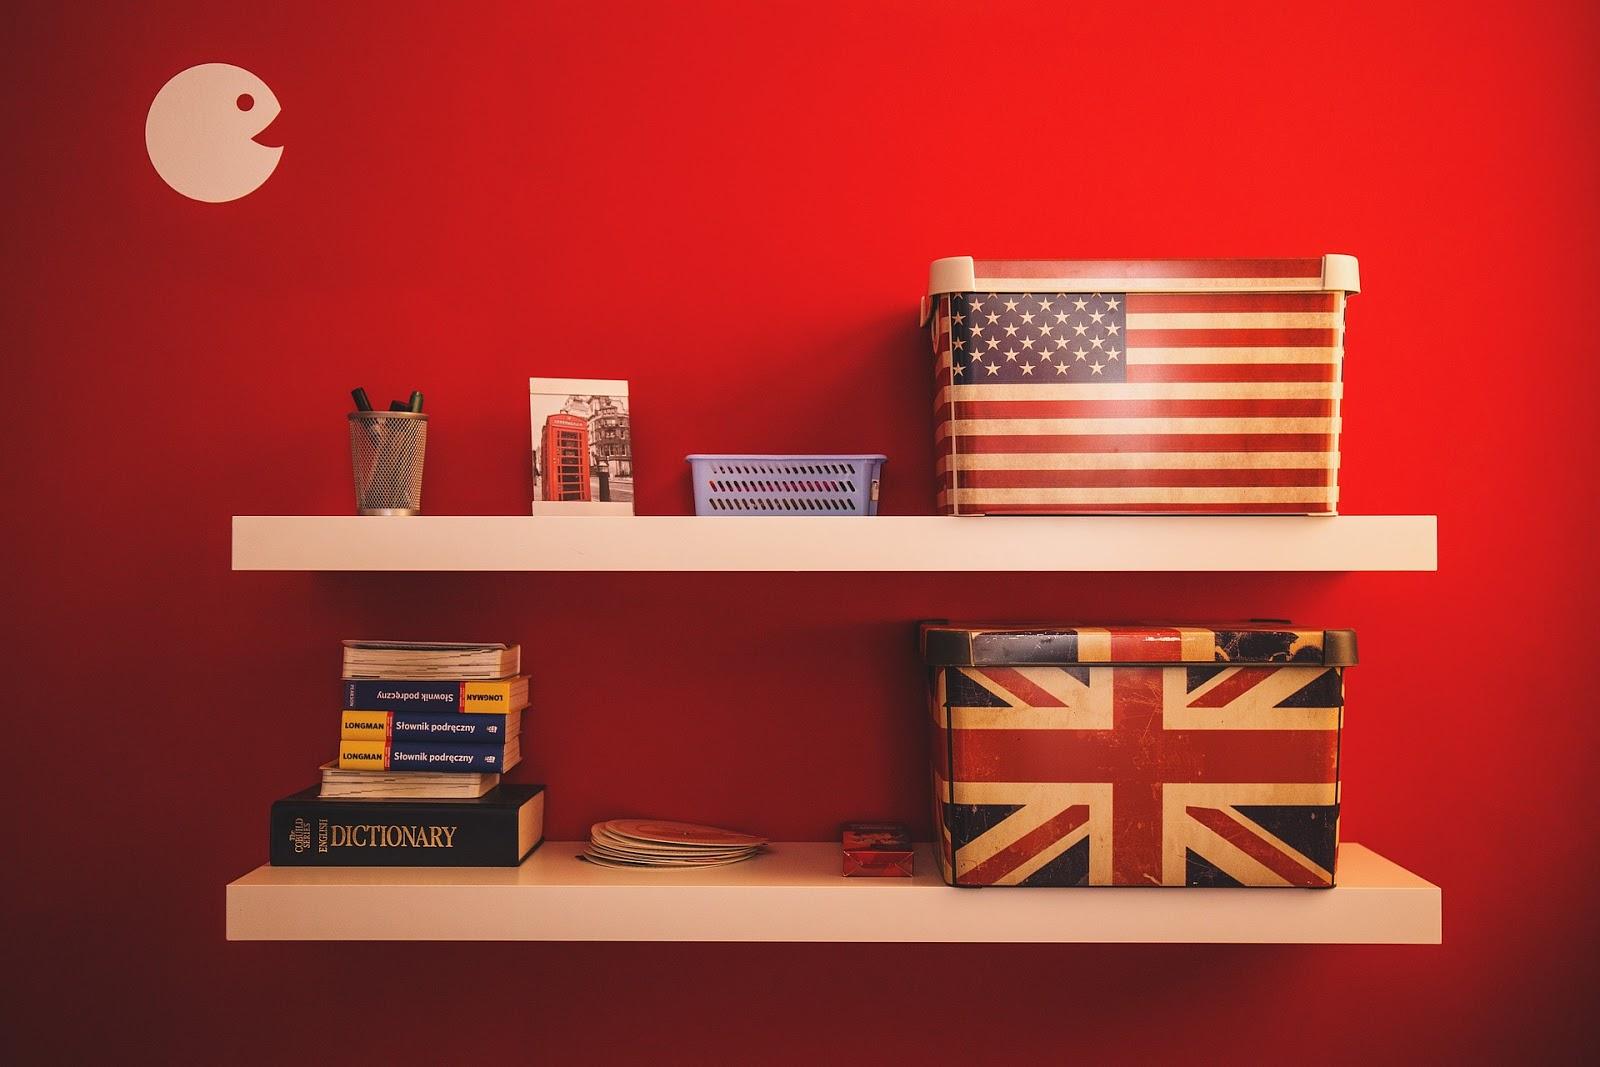 أهم نصائح لتعلم اللغة الإنجليزية